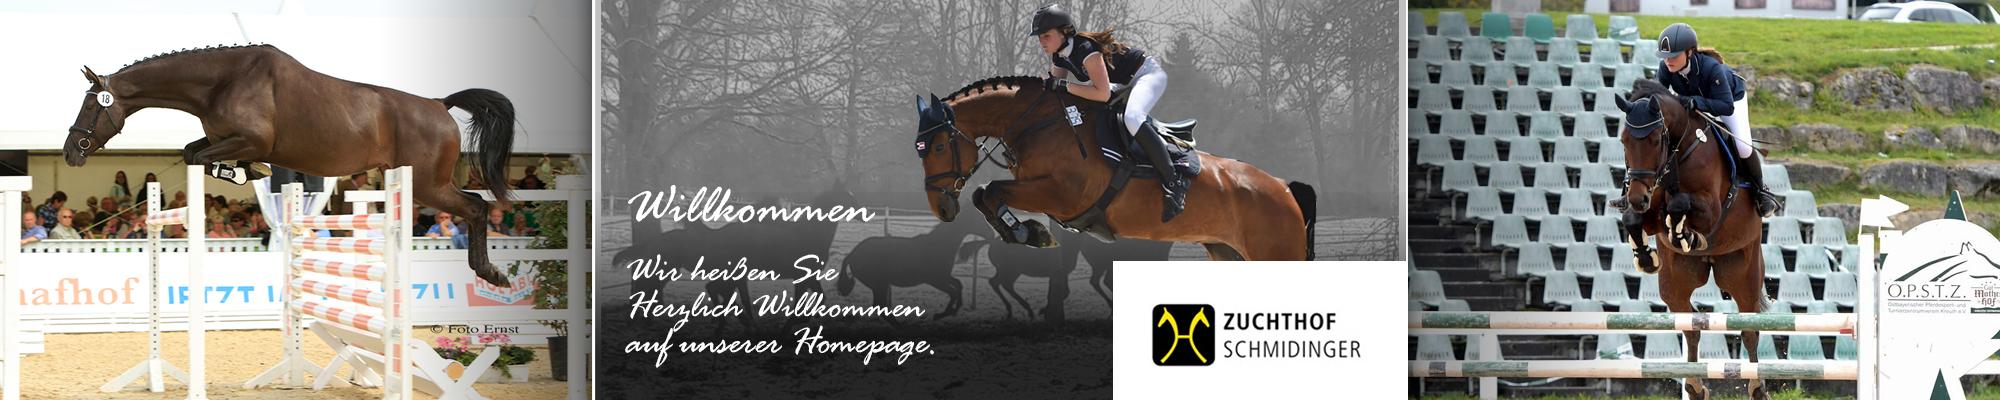 Zuchthof Schmidinger-Banner